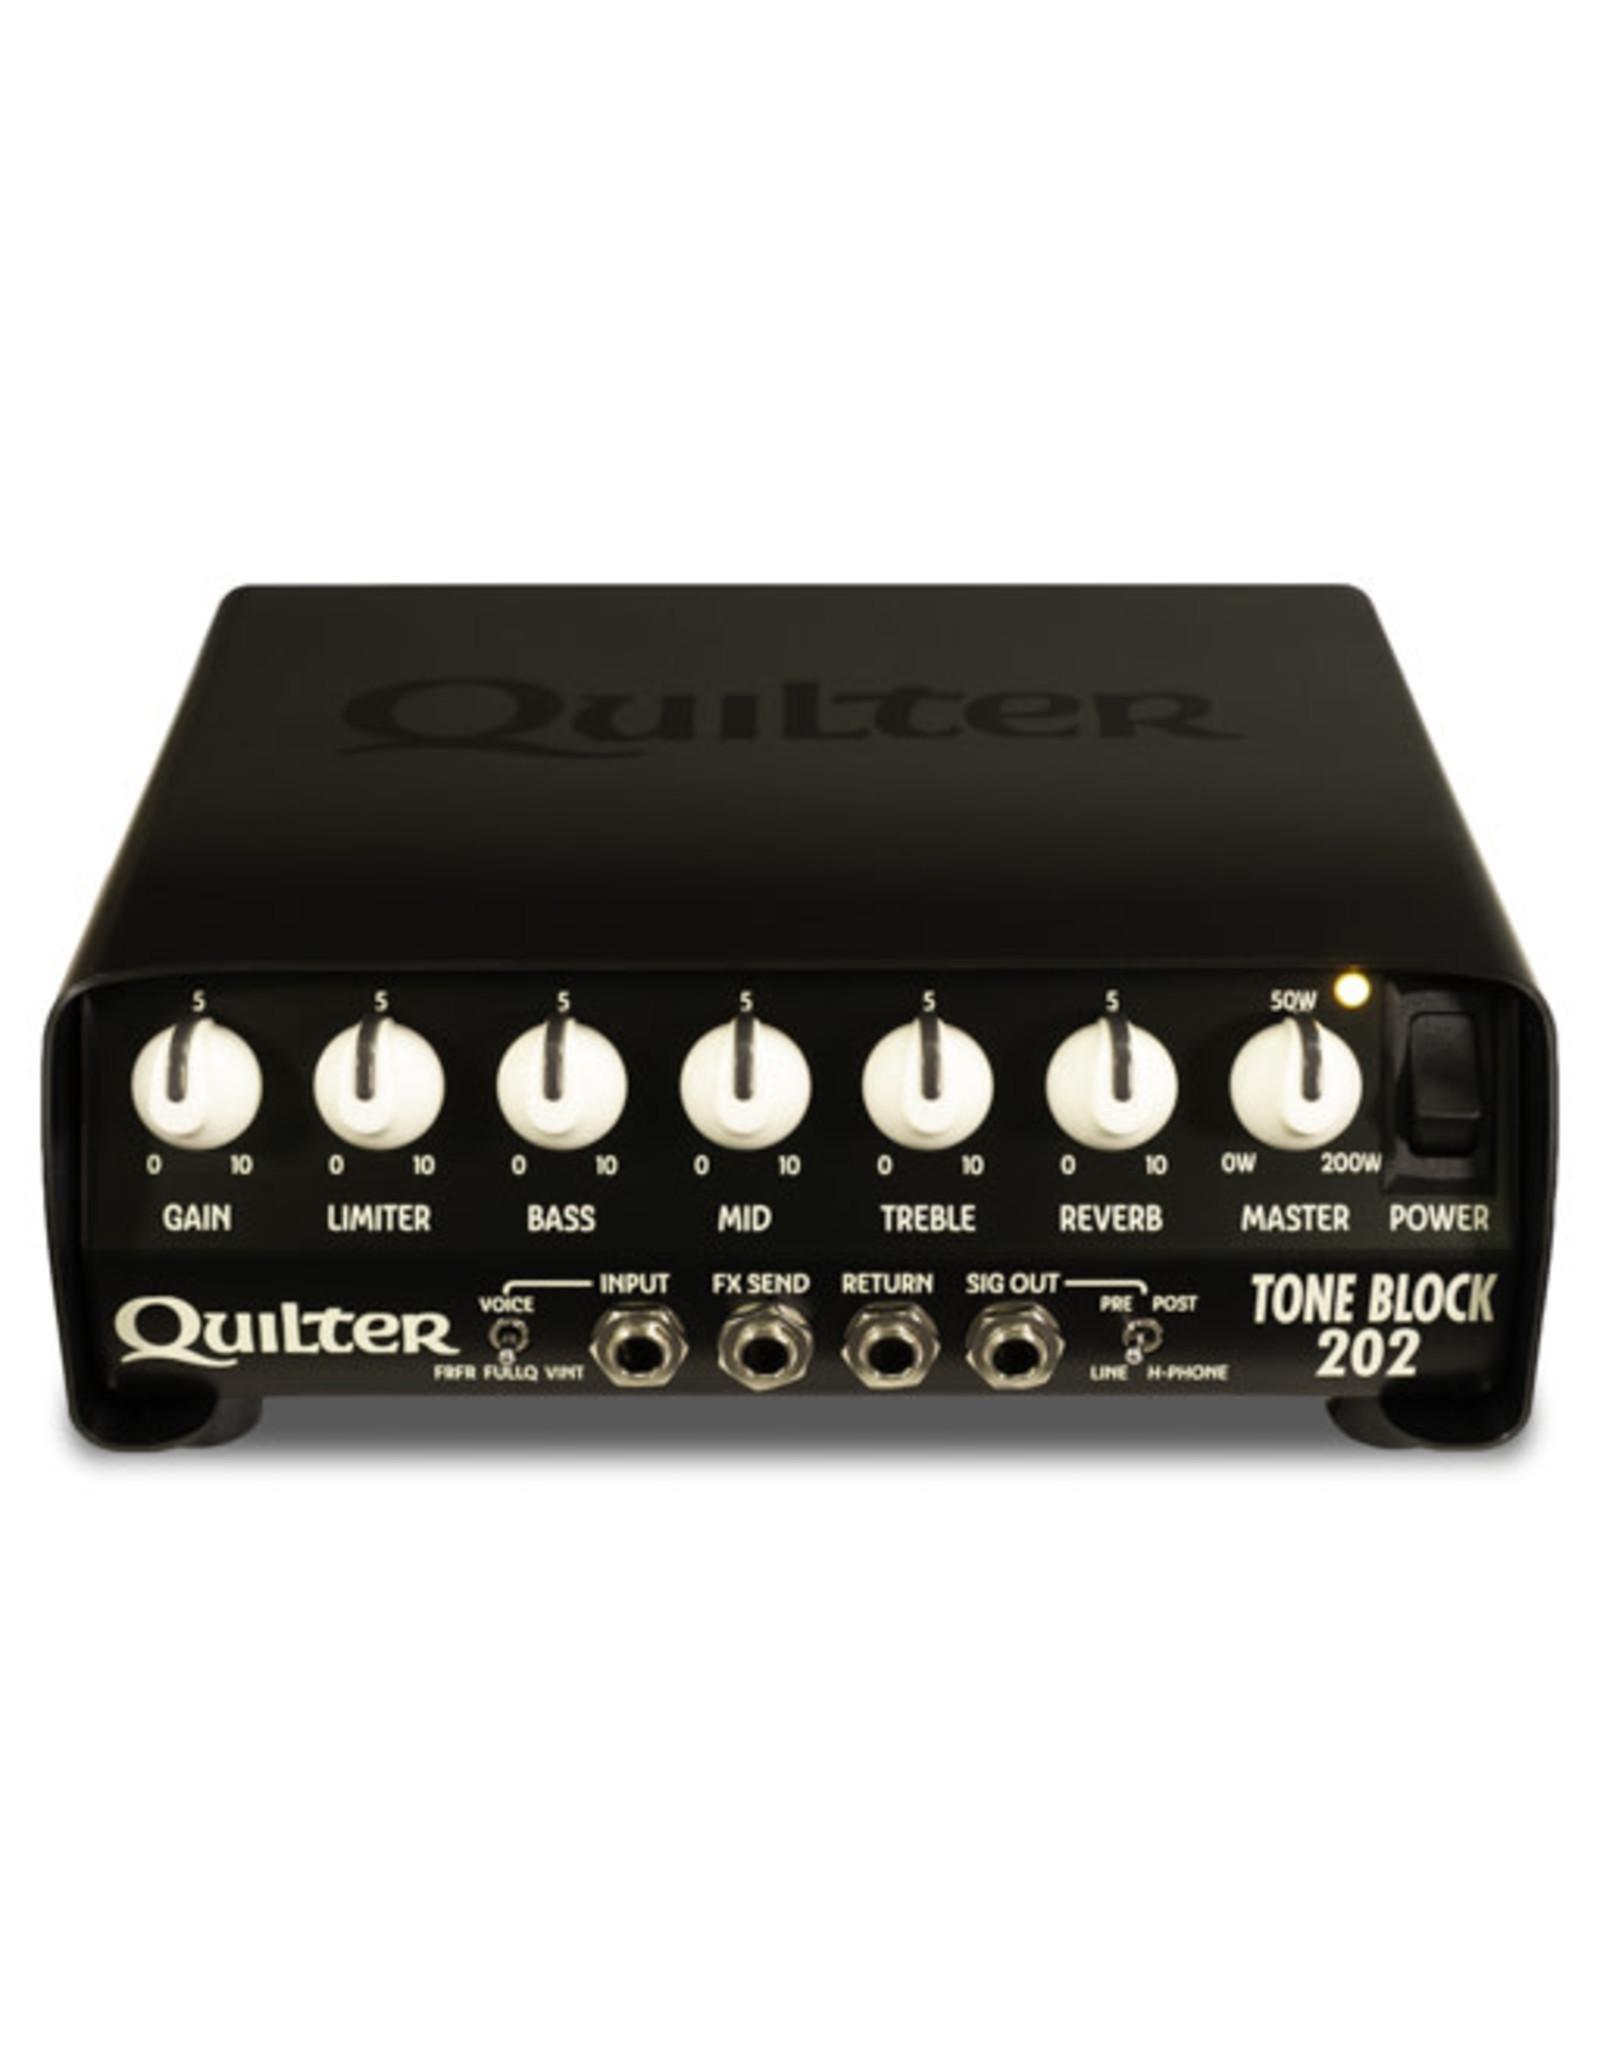 Quilter Quilter Tone Block 202